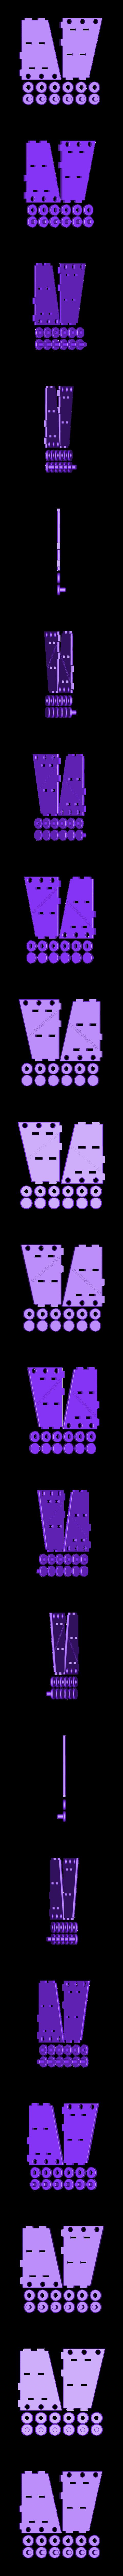 Siege_Tower_Assembly_Parts_1of2_(Modular Castle Playset - 3D-printable)_By_CreativeTools.se.stl Télécharger fichier STL gratuit Plateau modulaire de château (imprimable en 3D) • Modèle à imprimer en 3D, CreativeTools